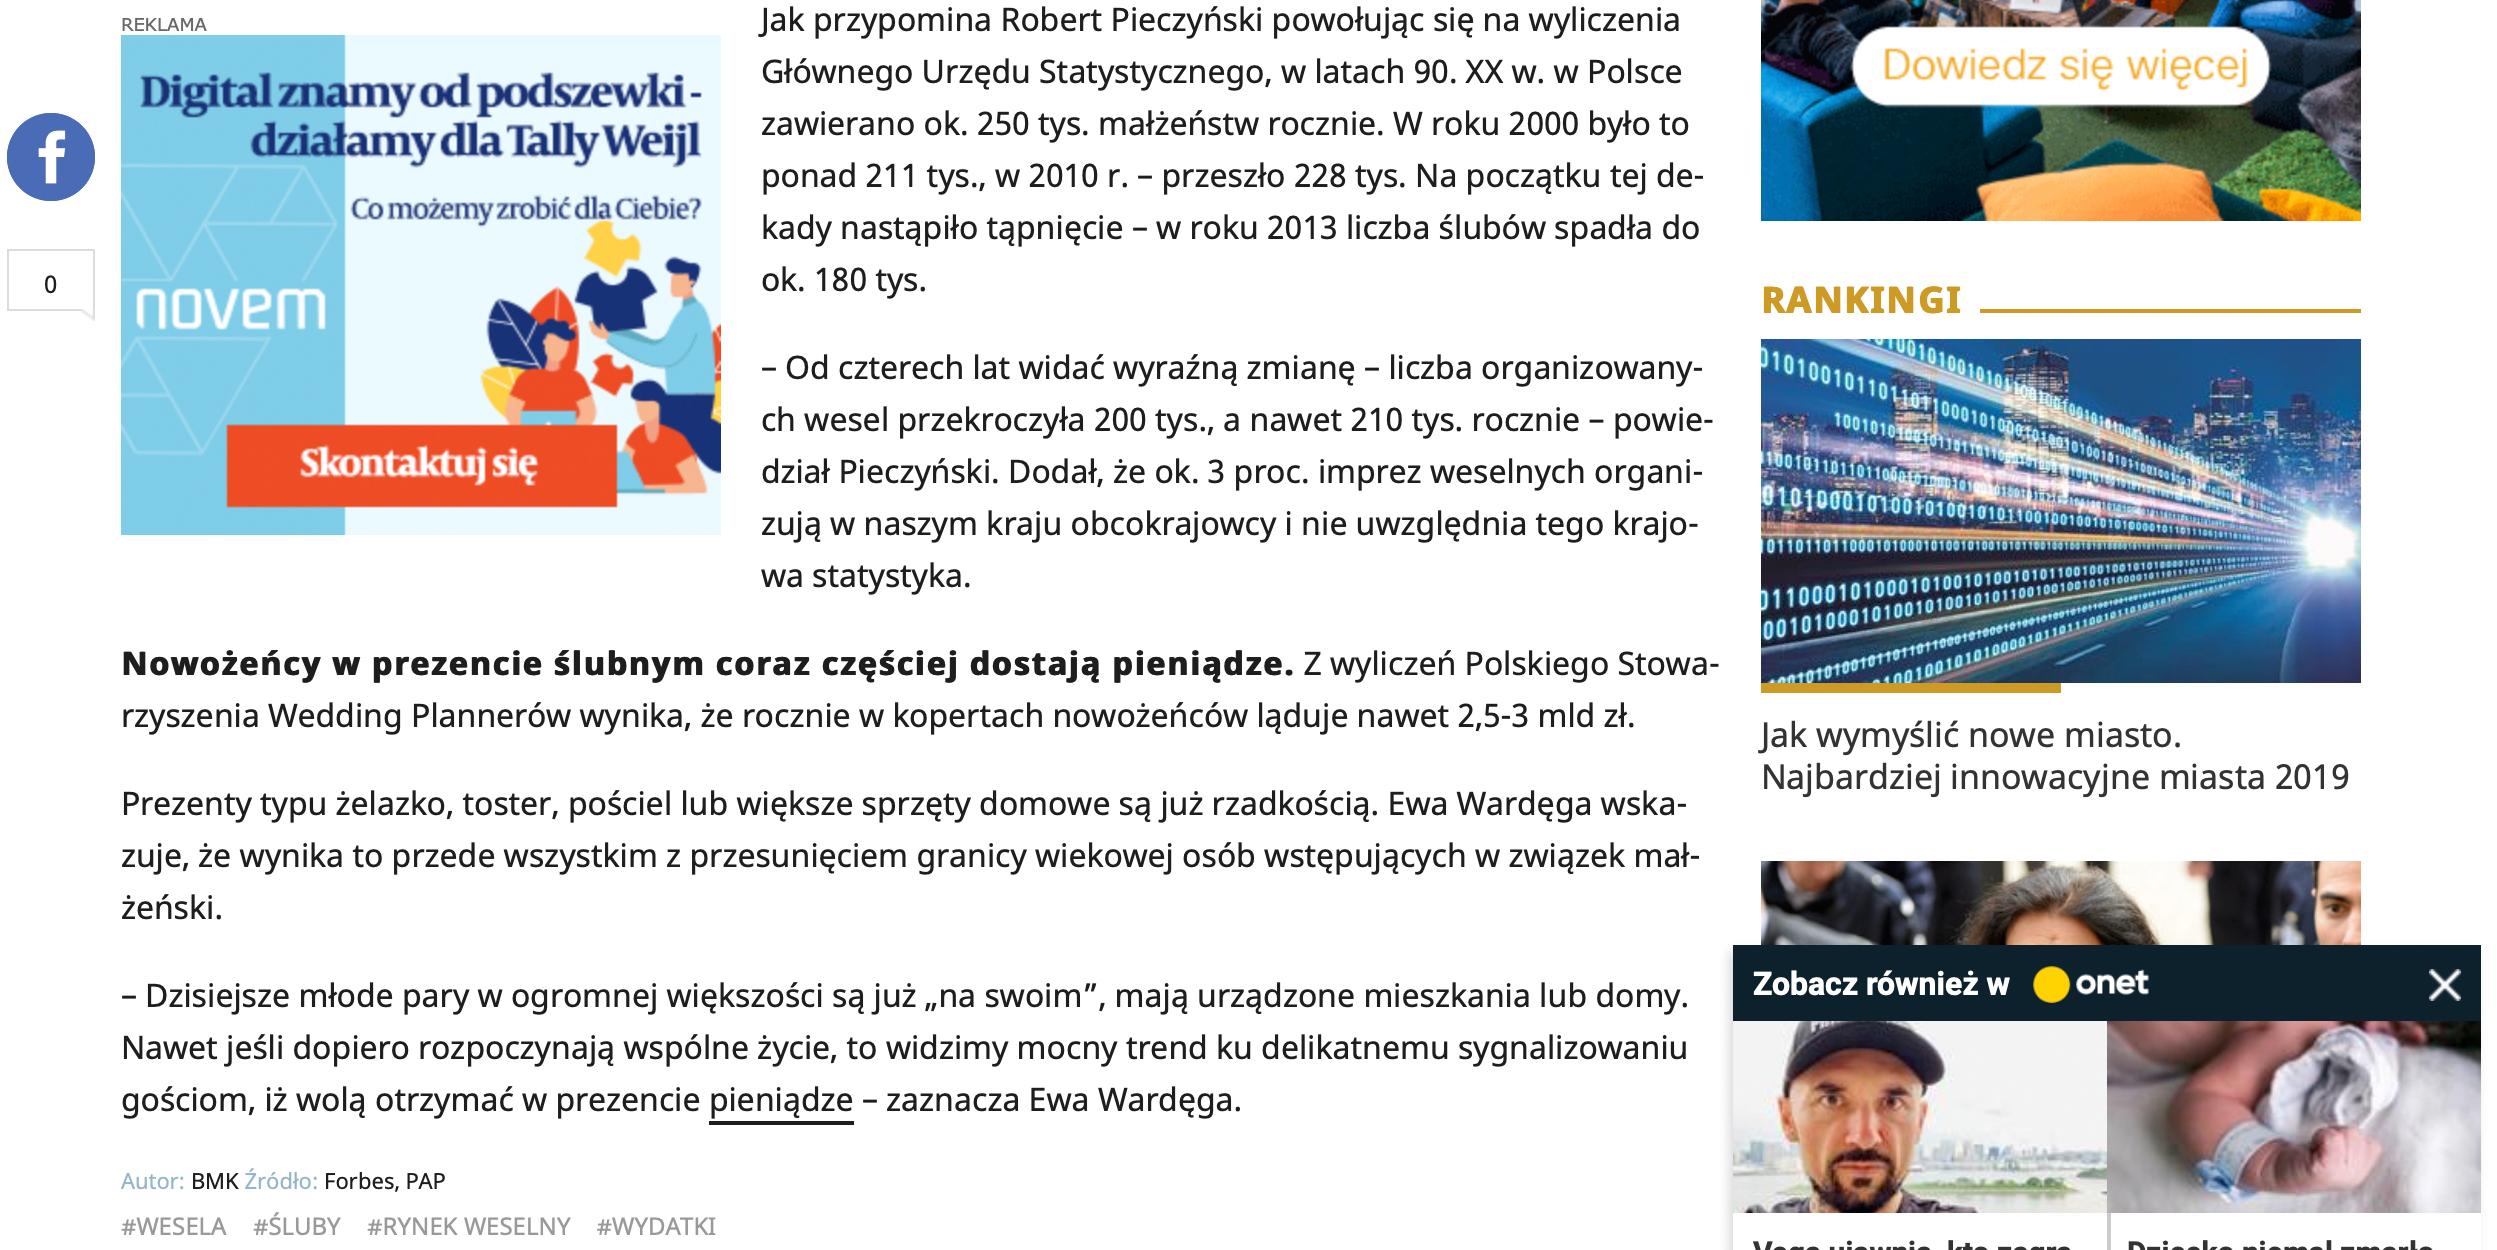 Forbes-Pieczyński-DecorAmor-Polskie-Stowarzyszenie-Wedding-Plannerów-04